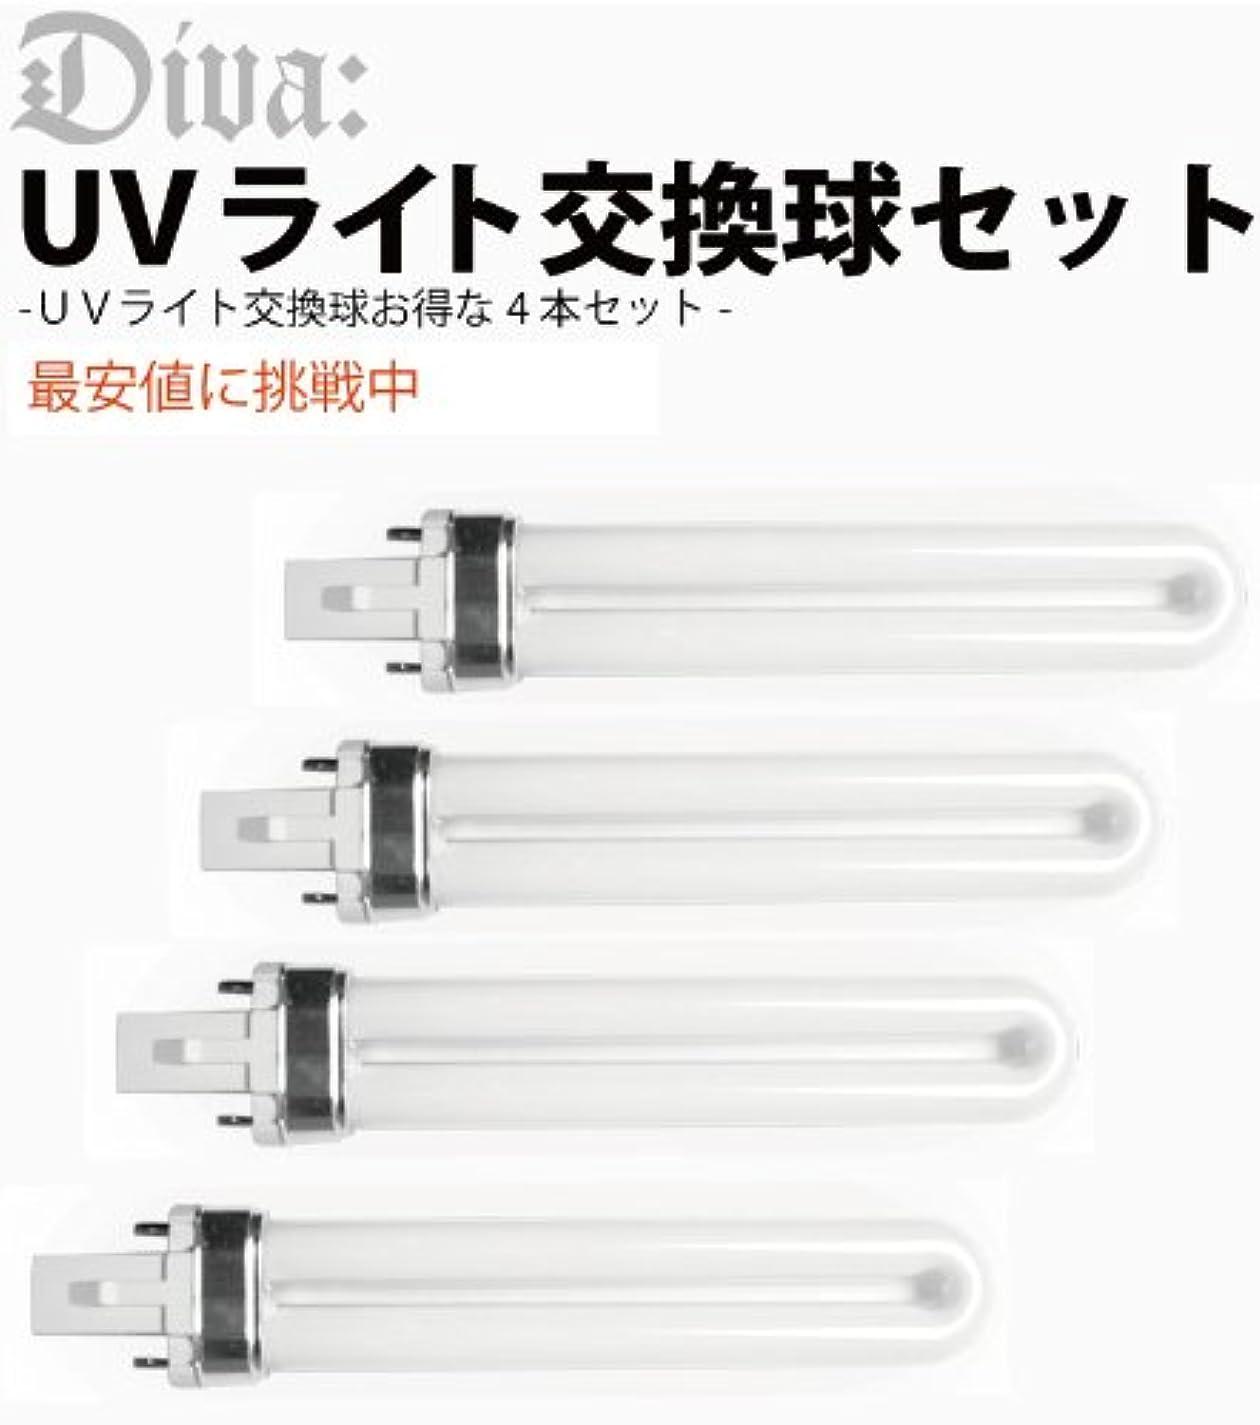 UVライト36W 交換ライト ランプ 4本セット